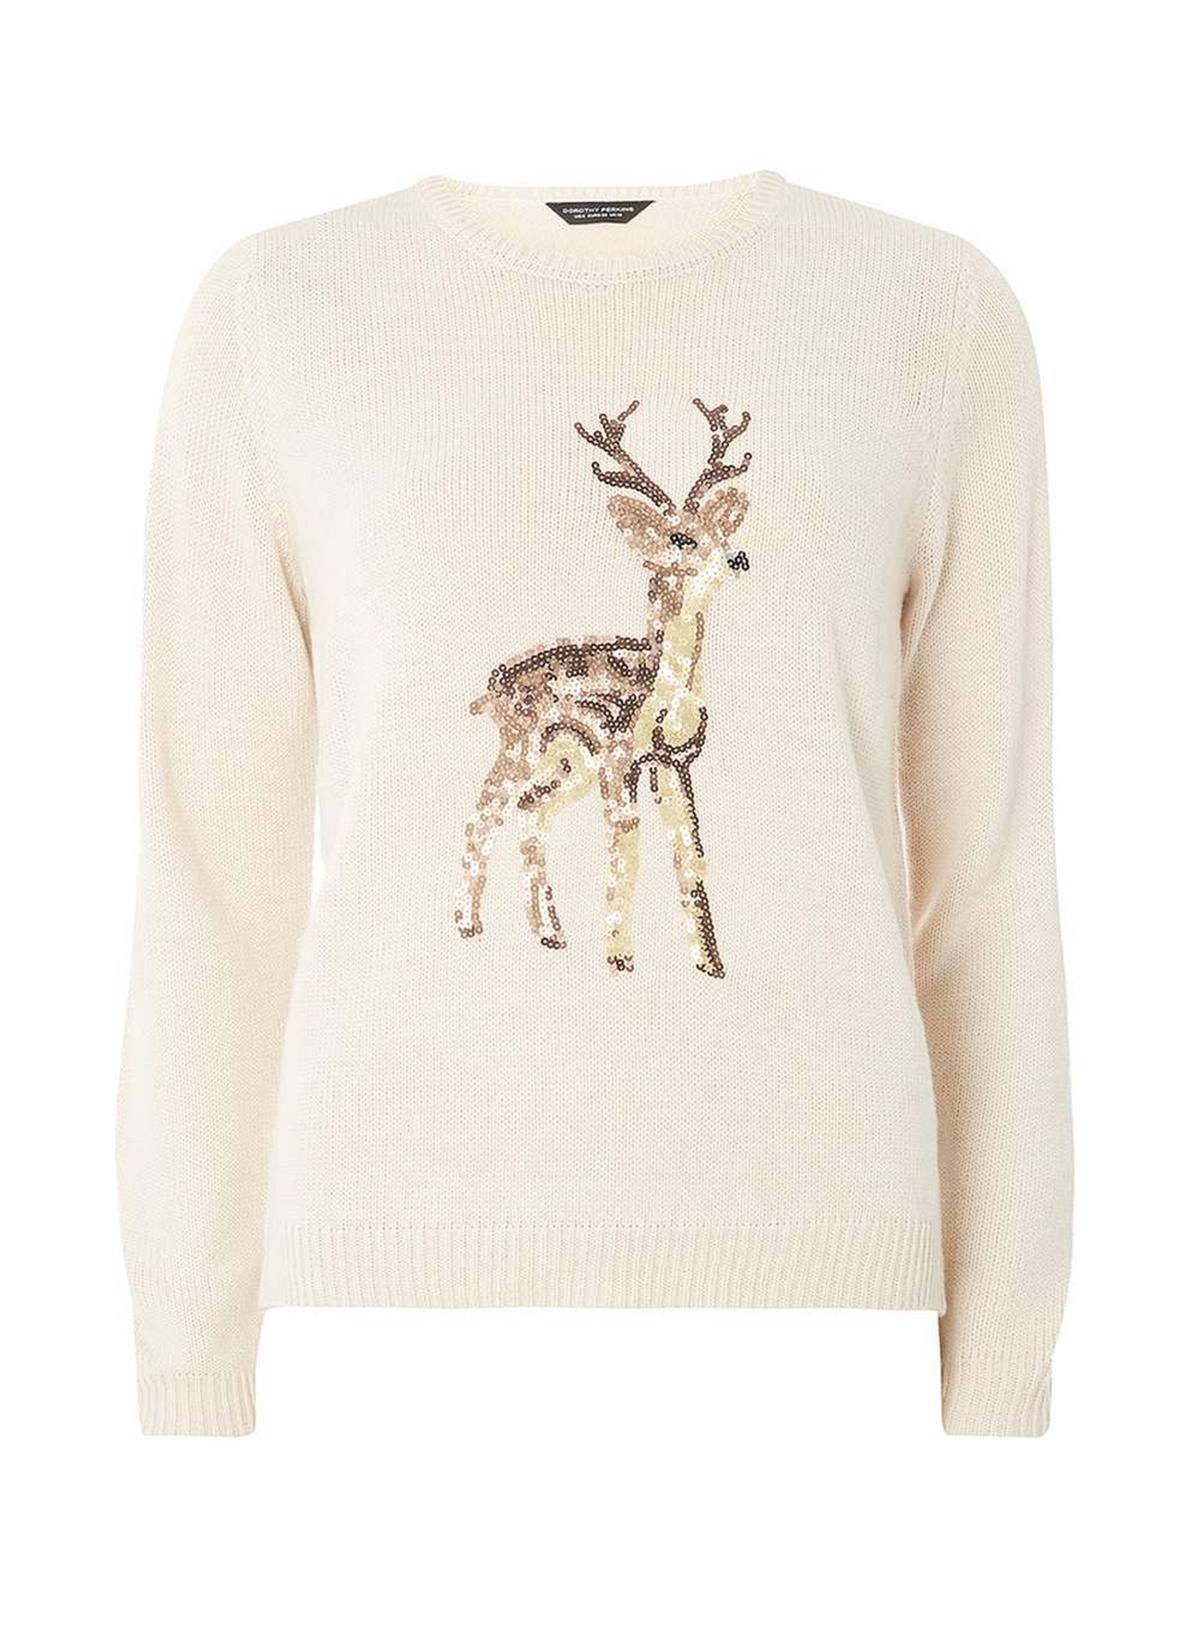 dorothy perkins deer christmas jumper top